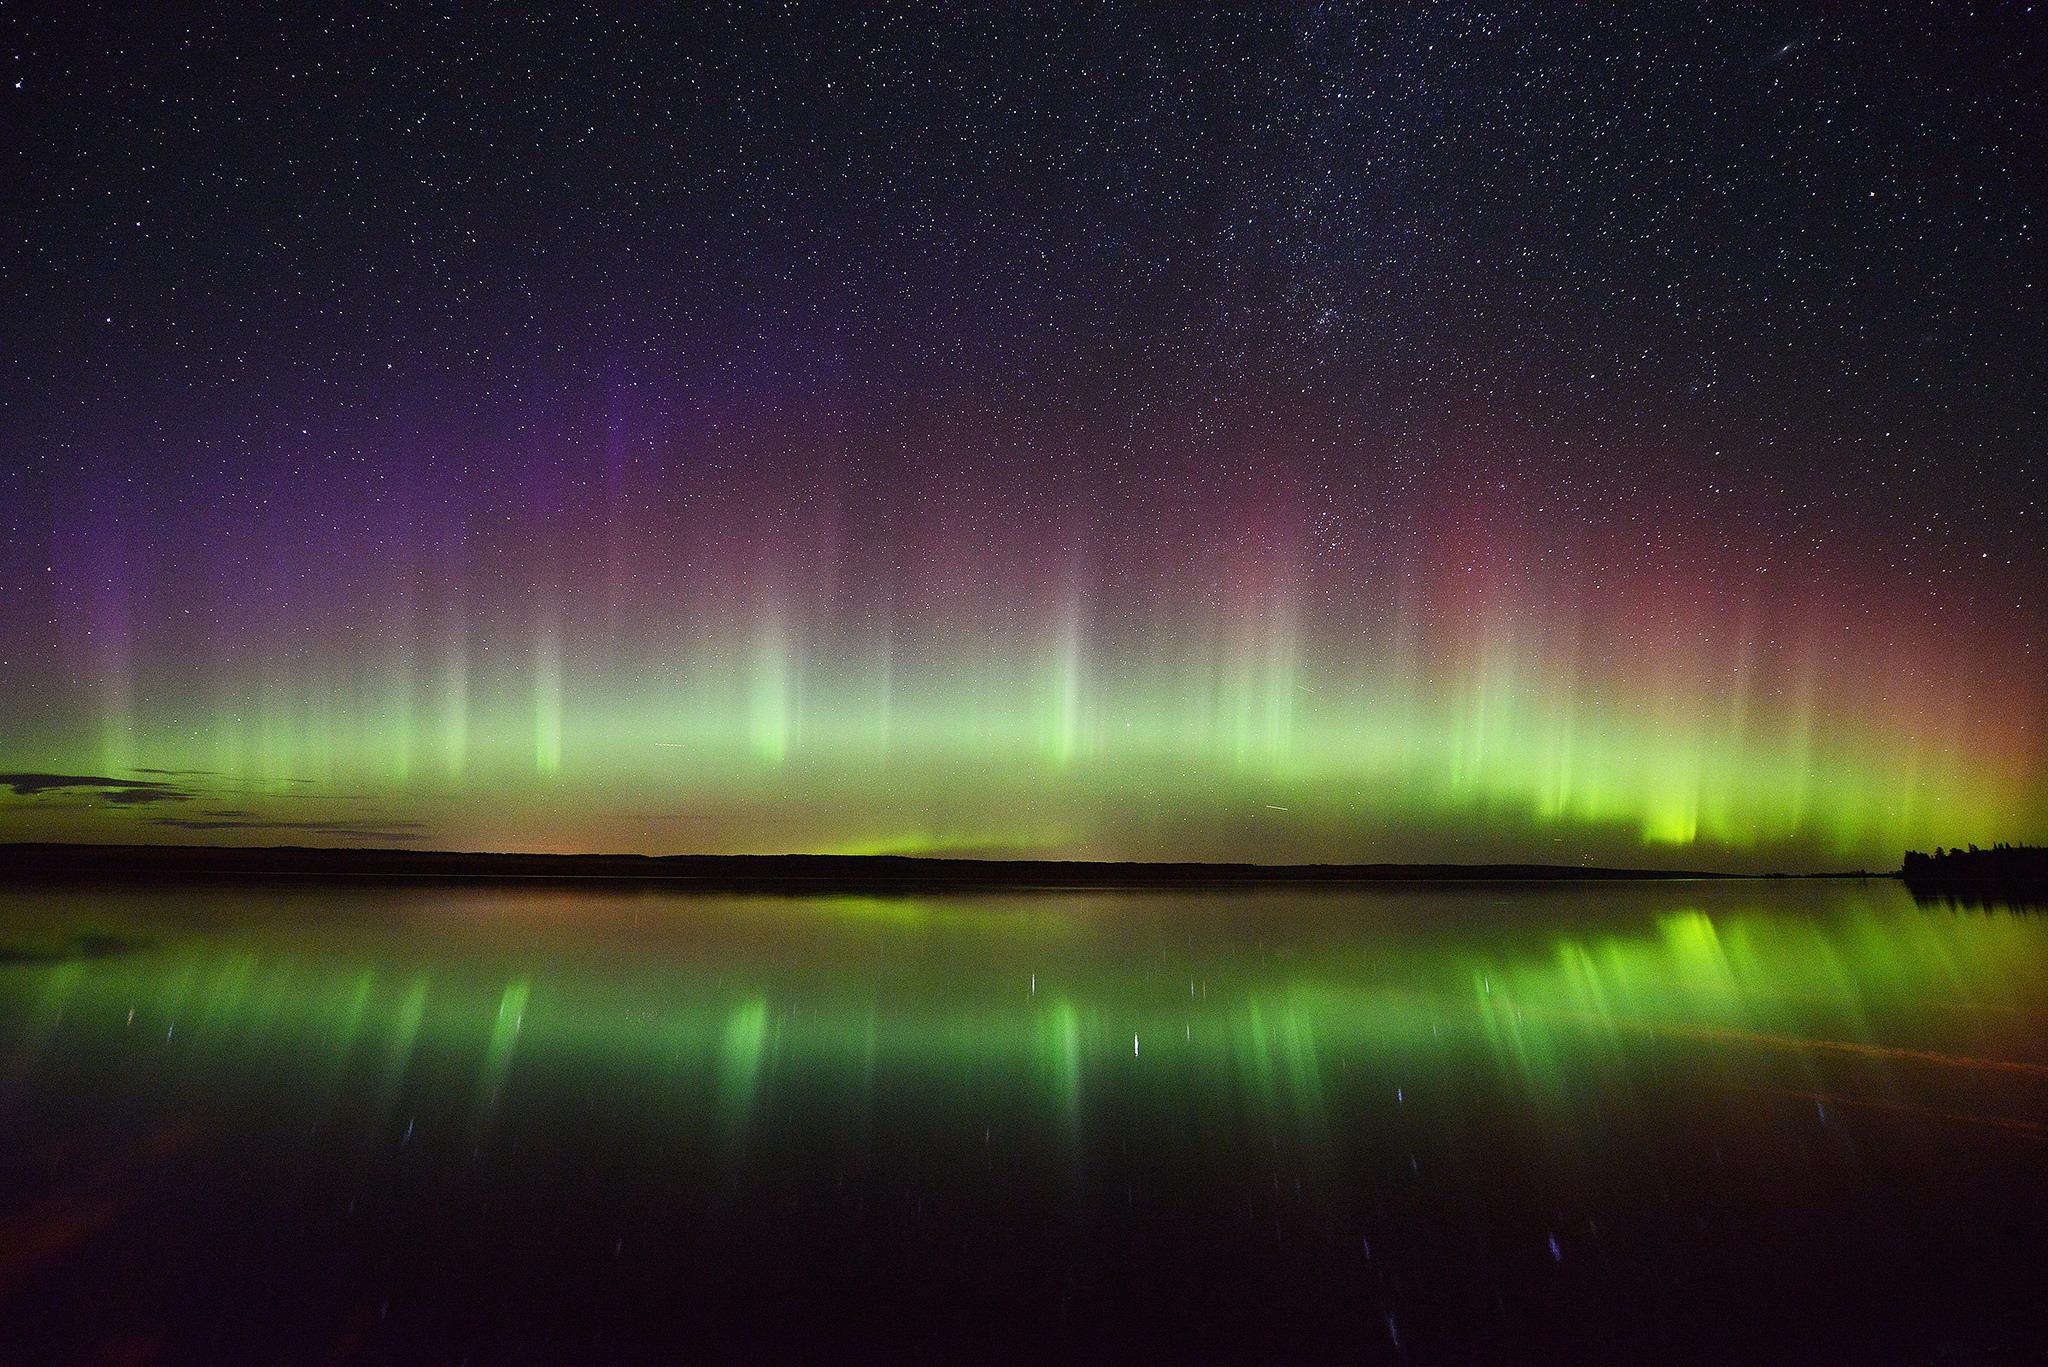 Aurora Borealis Wallpaper Screensavers